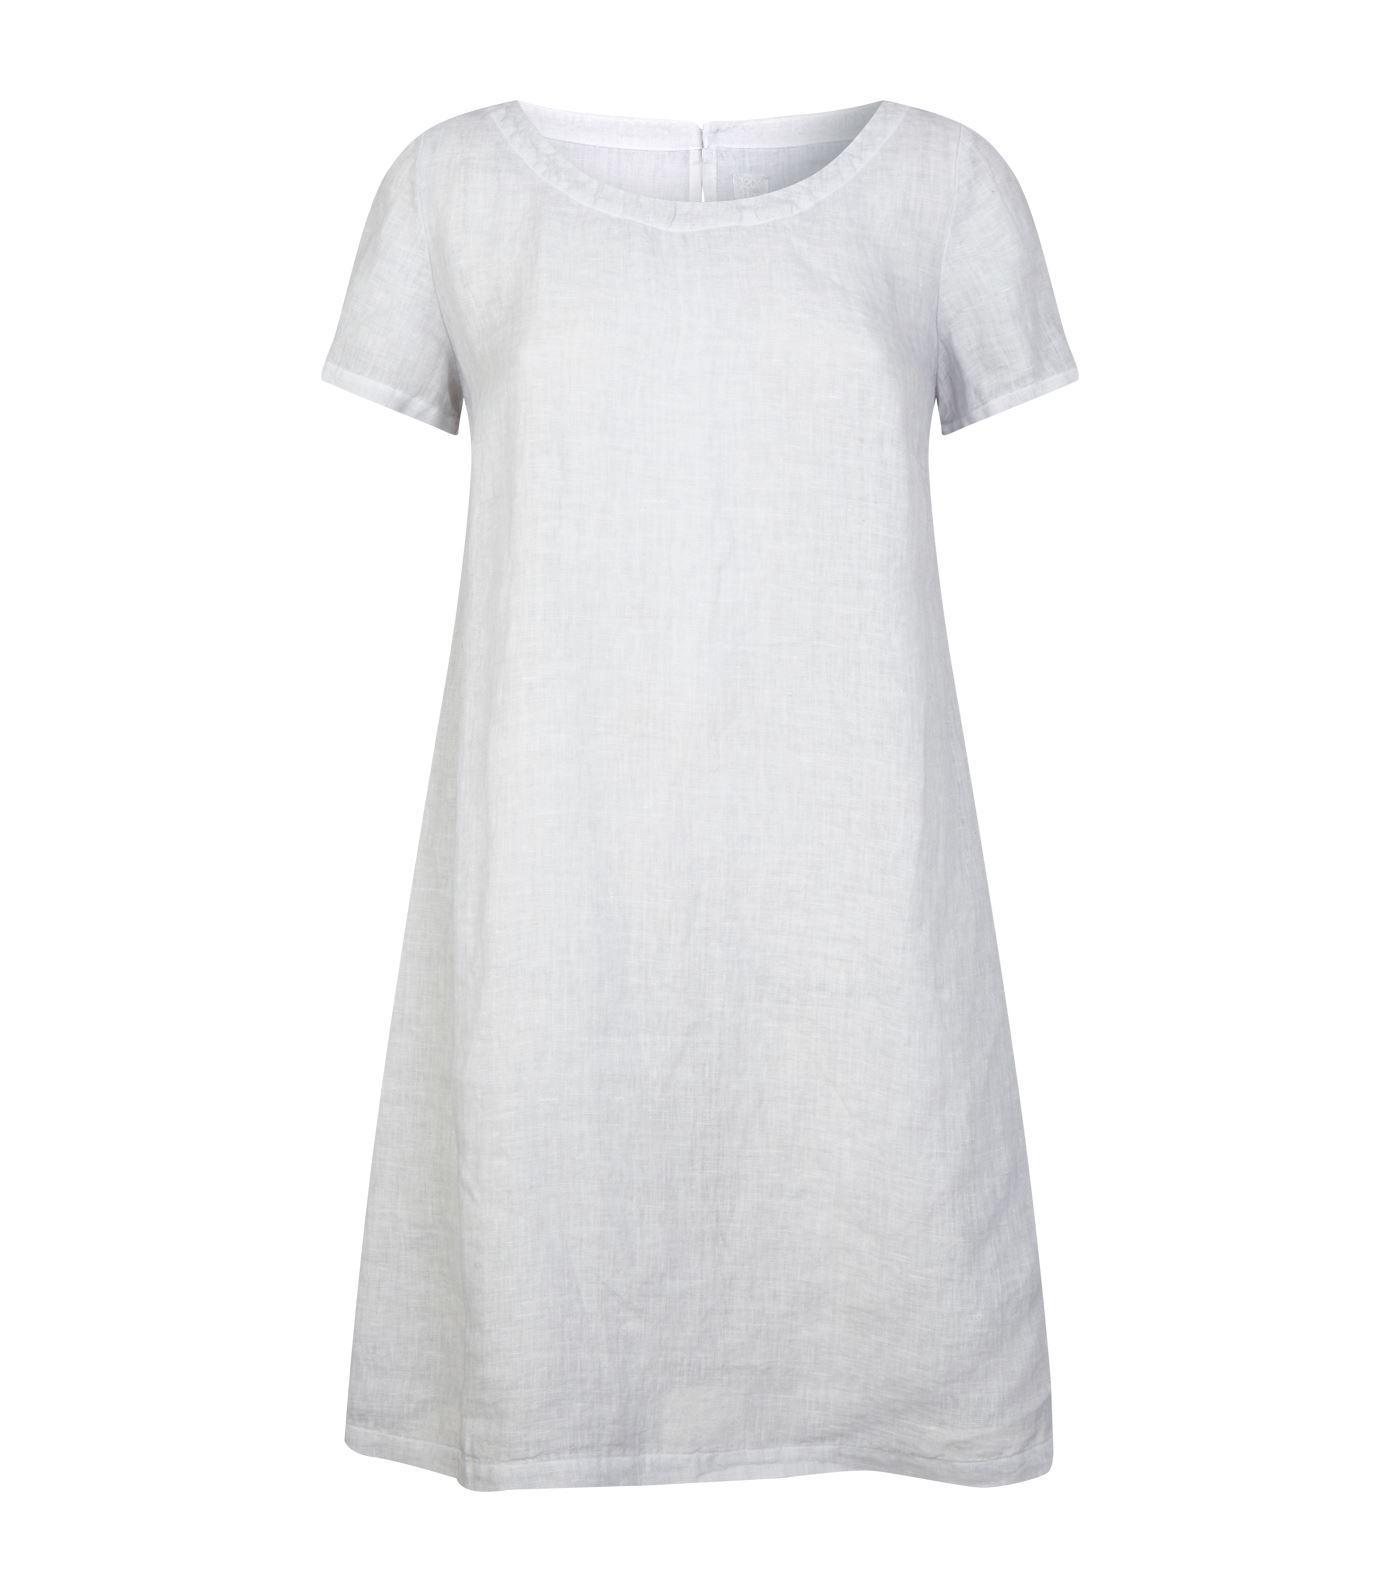 ac692cebb9 Lyst - 120% Lino Linen Shift Dress in Gray